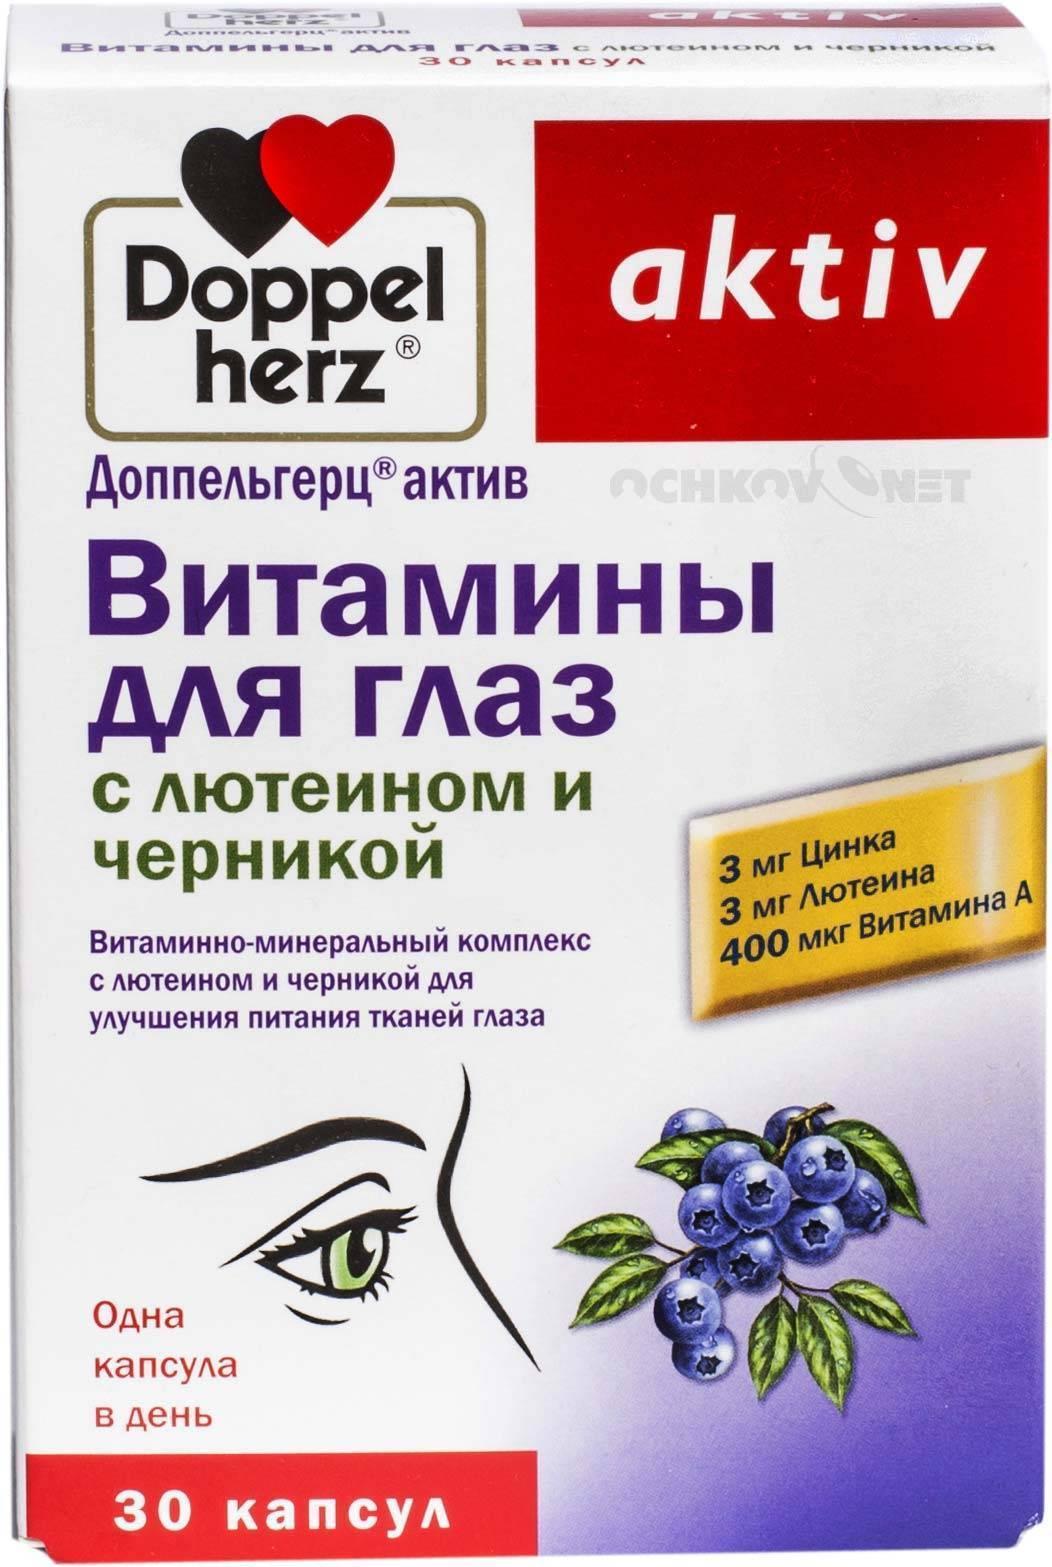 Витамины для глаз для детей: перечень комплексов с черникой, лютеином